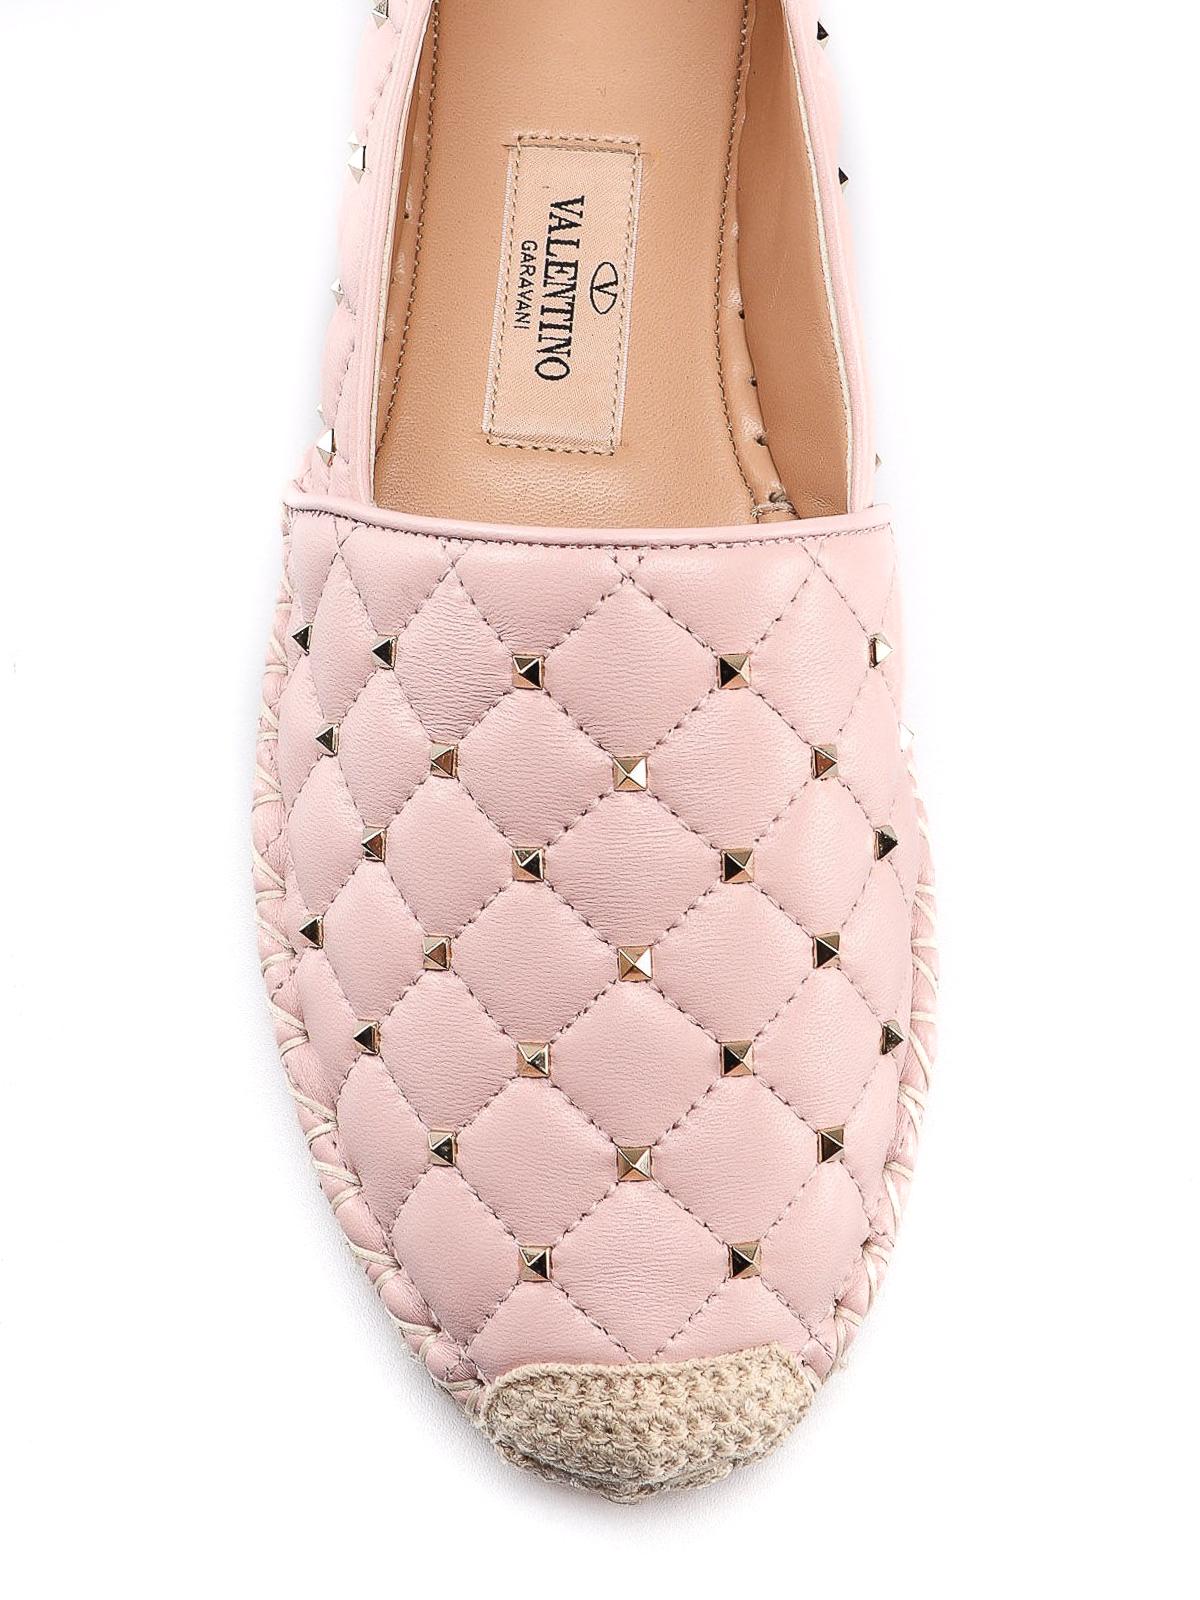 4b4893e2b iKRIX VALENTINO GARAVANI: espadrilles - Rockstud light pink leather  espadrilles